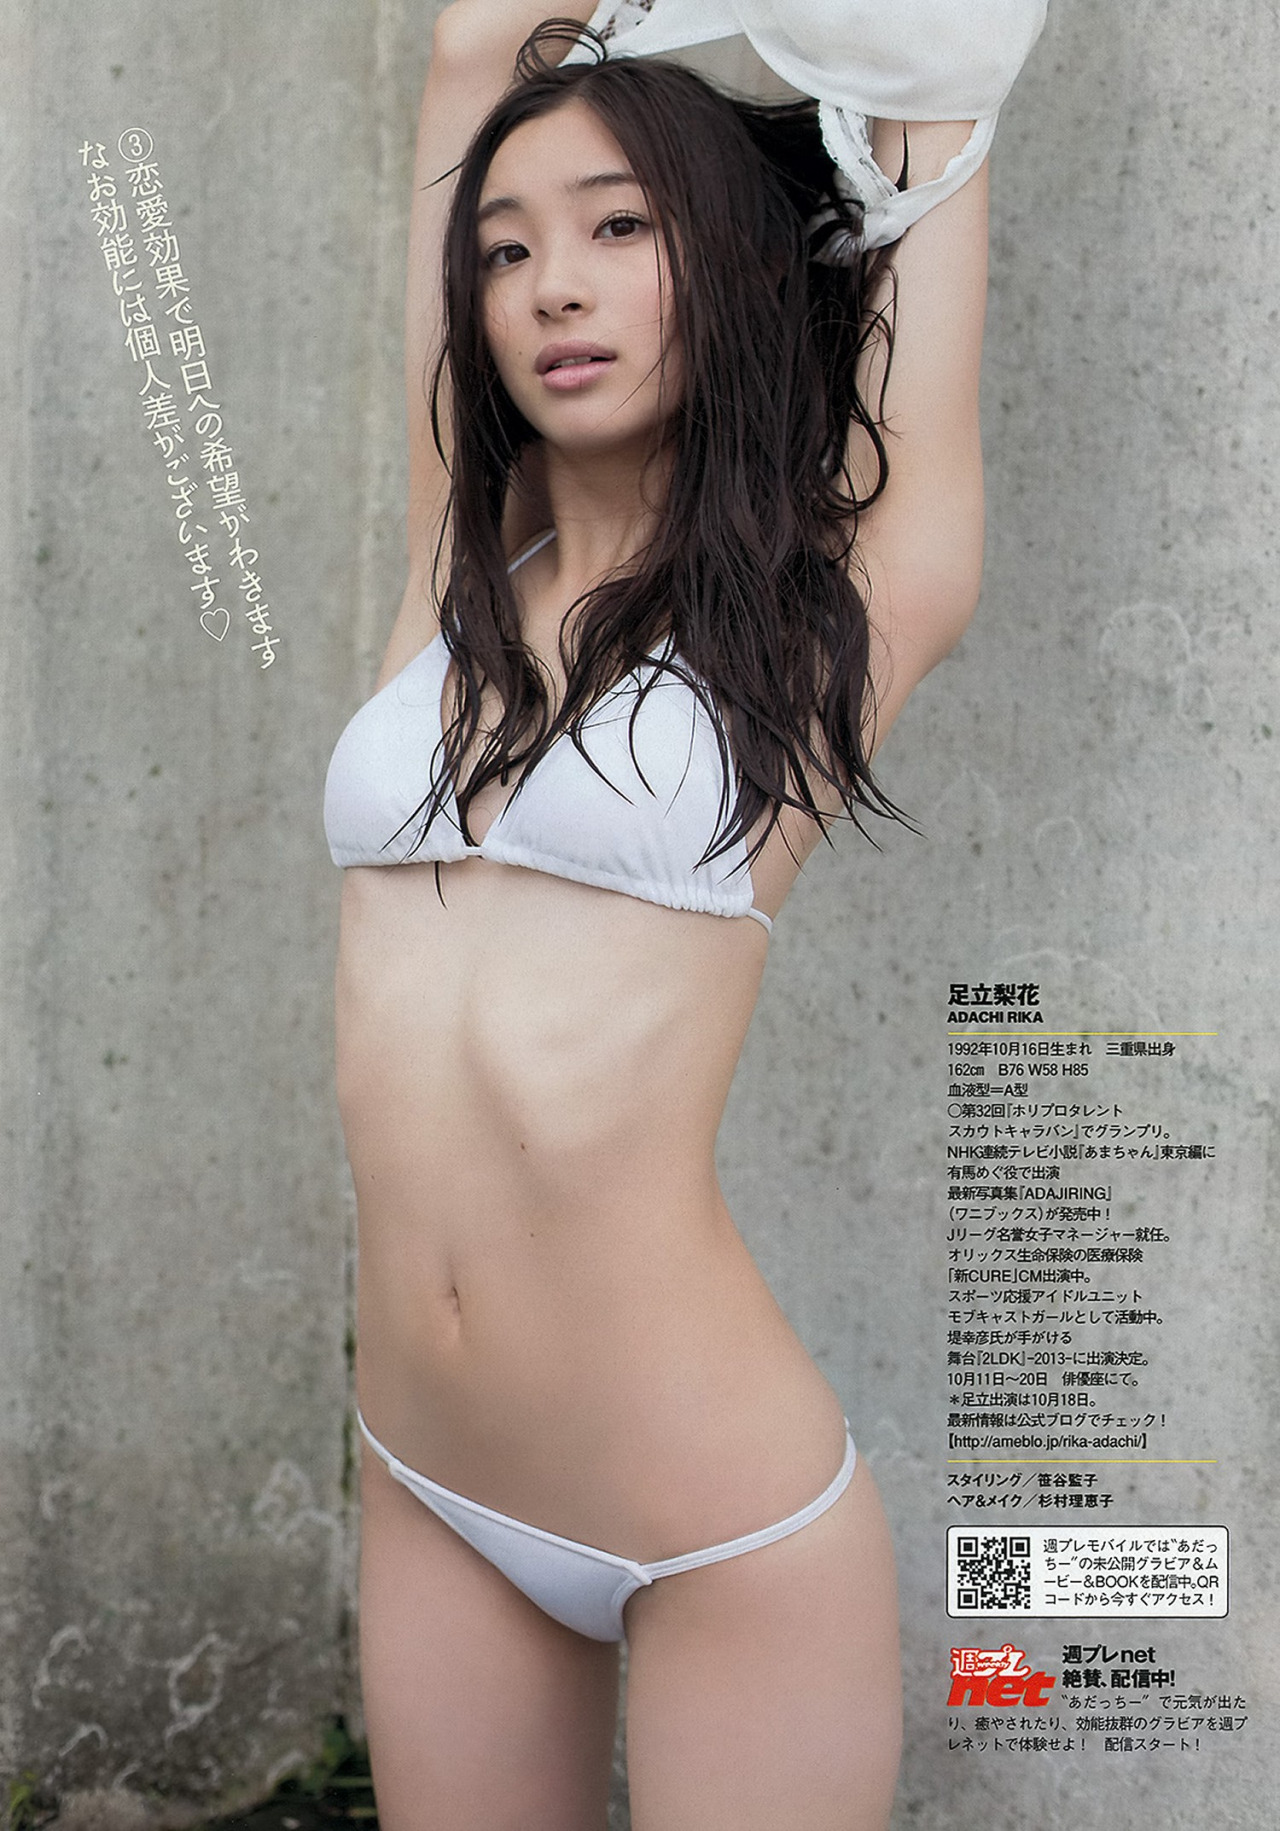 lingerie Rika Adachi naked photo 2017